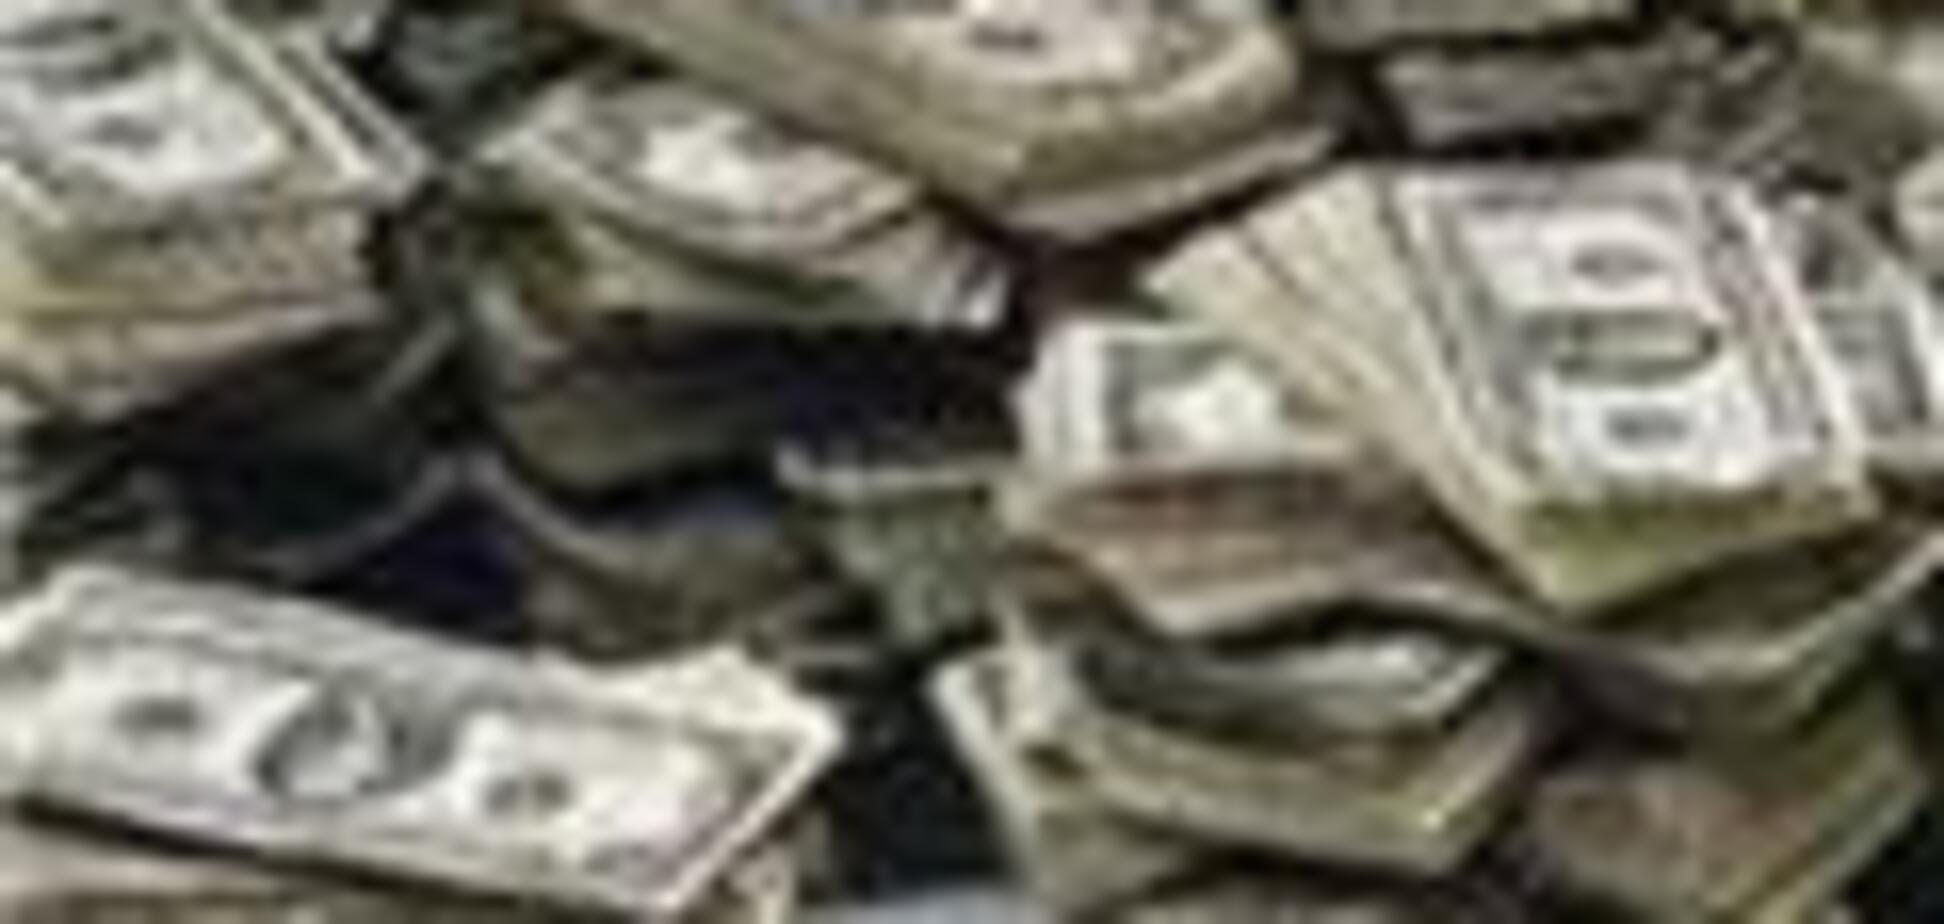 Депутат намагався продати плутоній за $ 10 млн